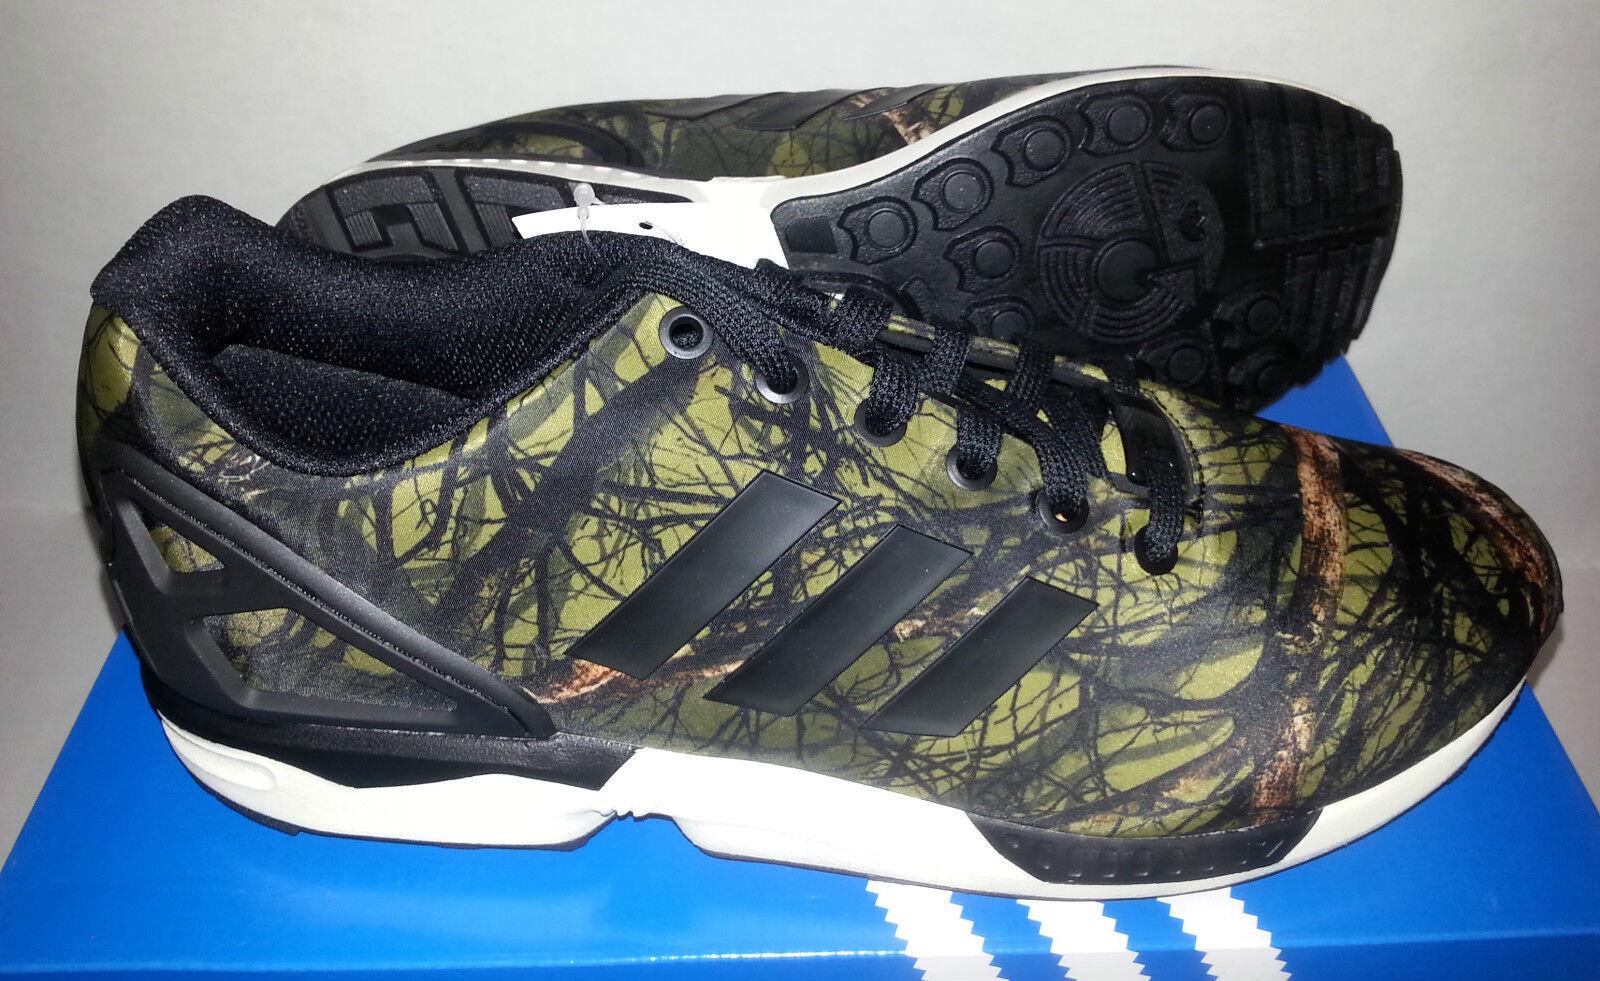 Adidas armee originals zx rauchgas von ruß / armee Adidas tiefen wald camo tarnung männer 10,5 e44289